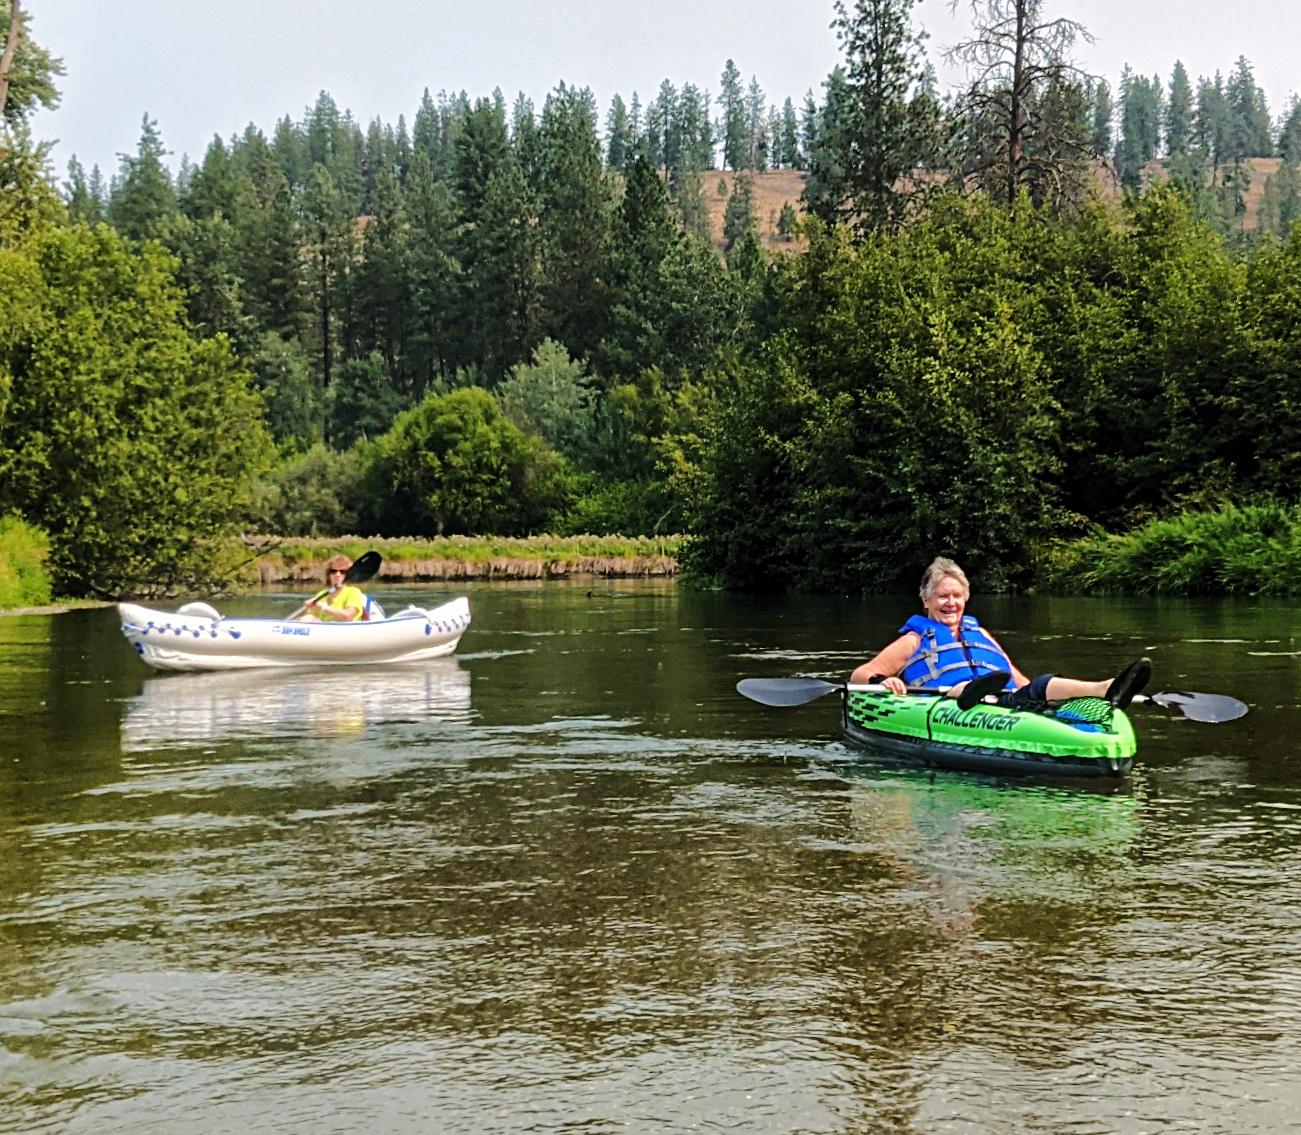 Kayaking on Little Spokane River